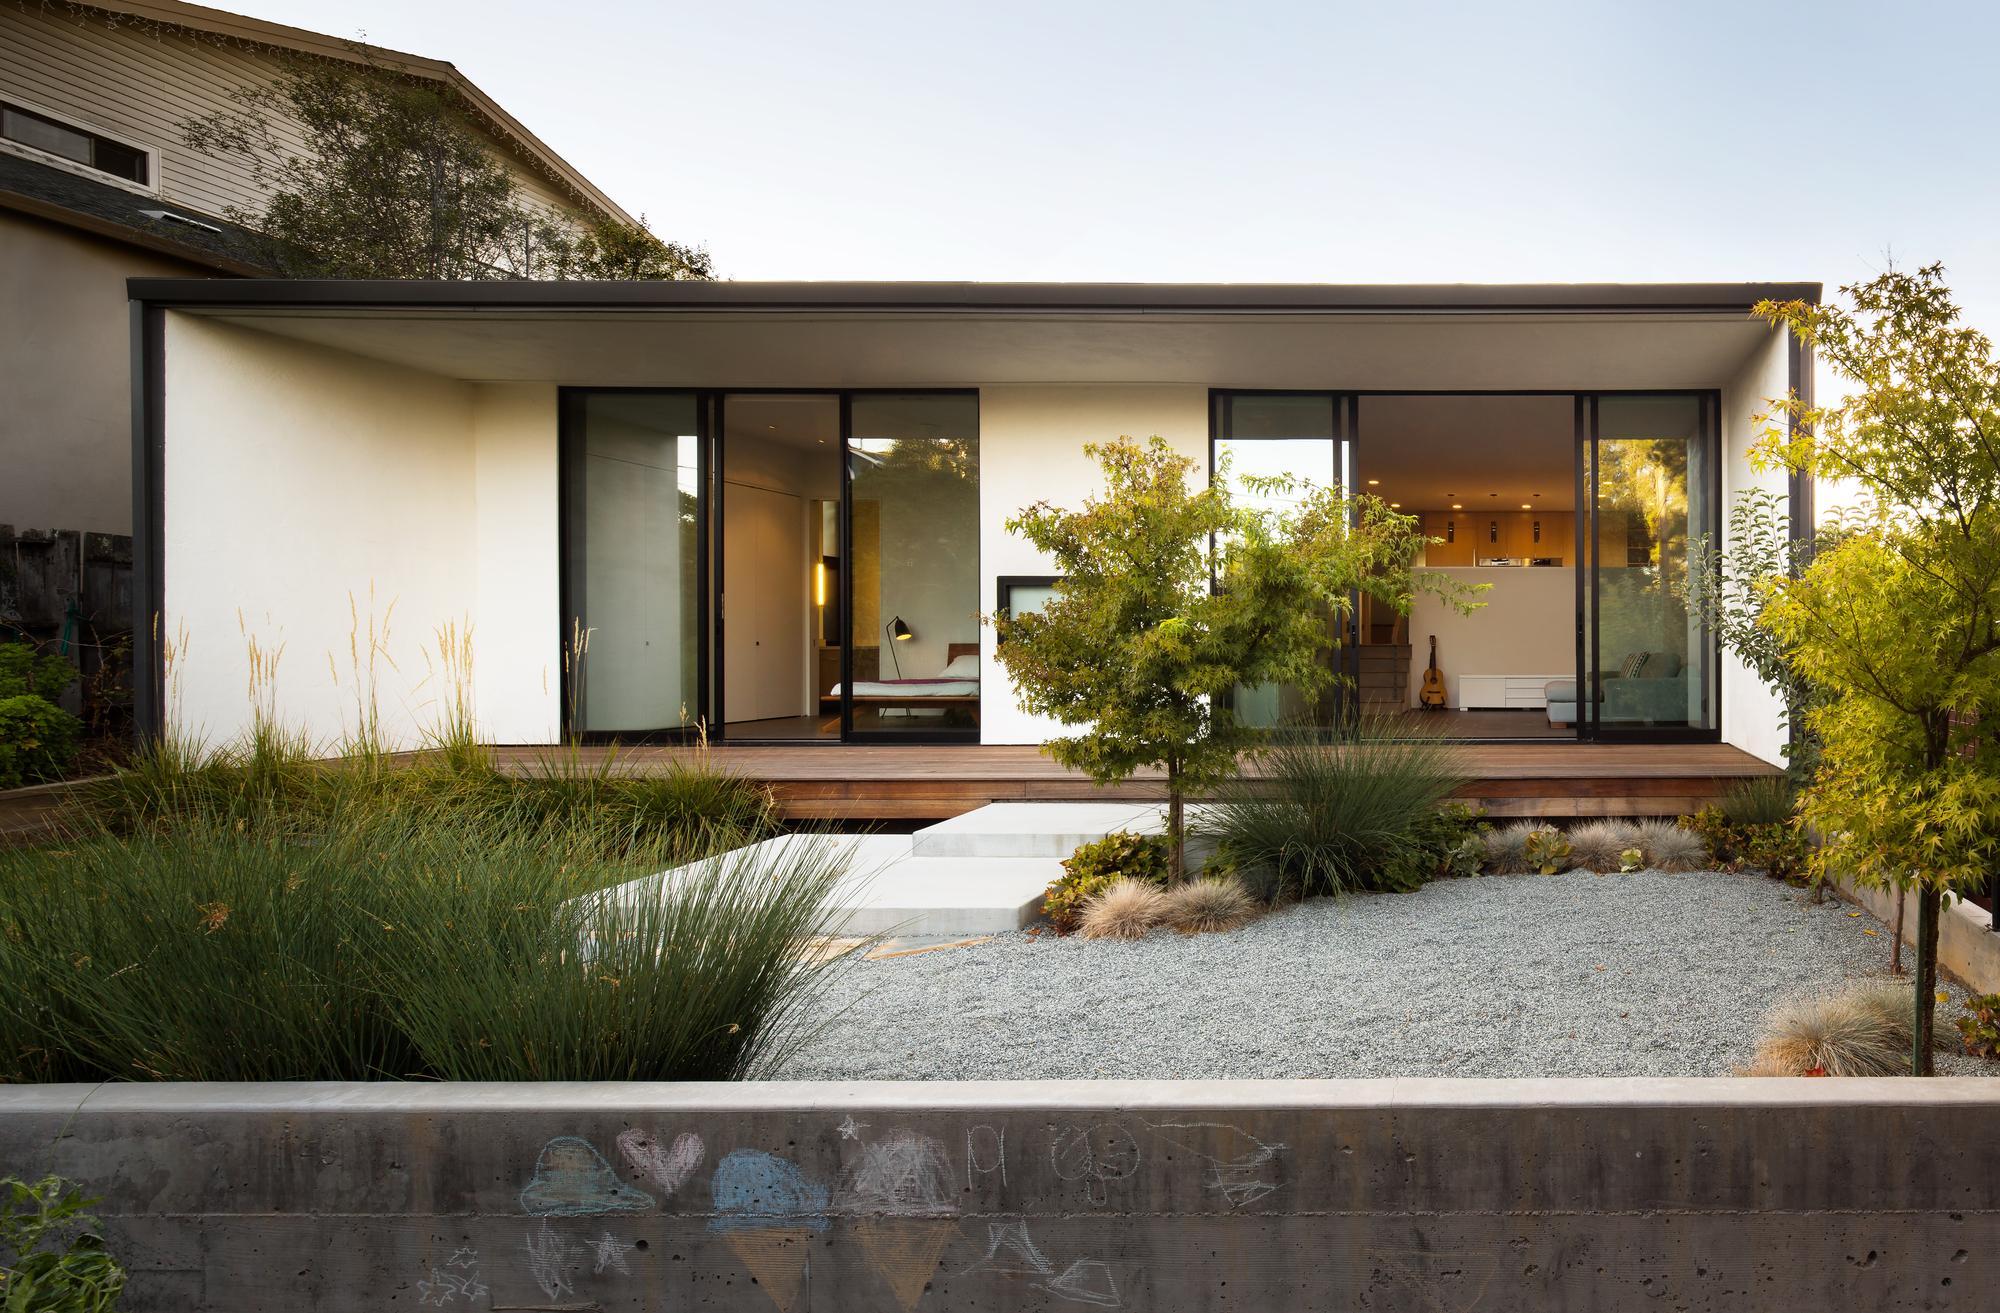 Home & Architecture - Magazine cover